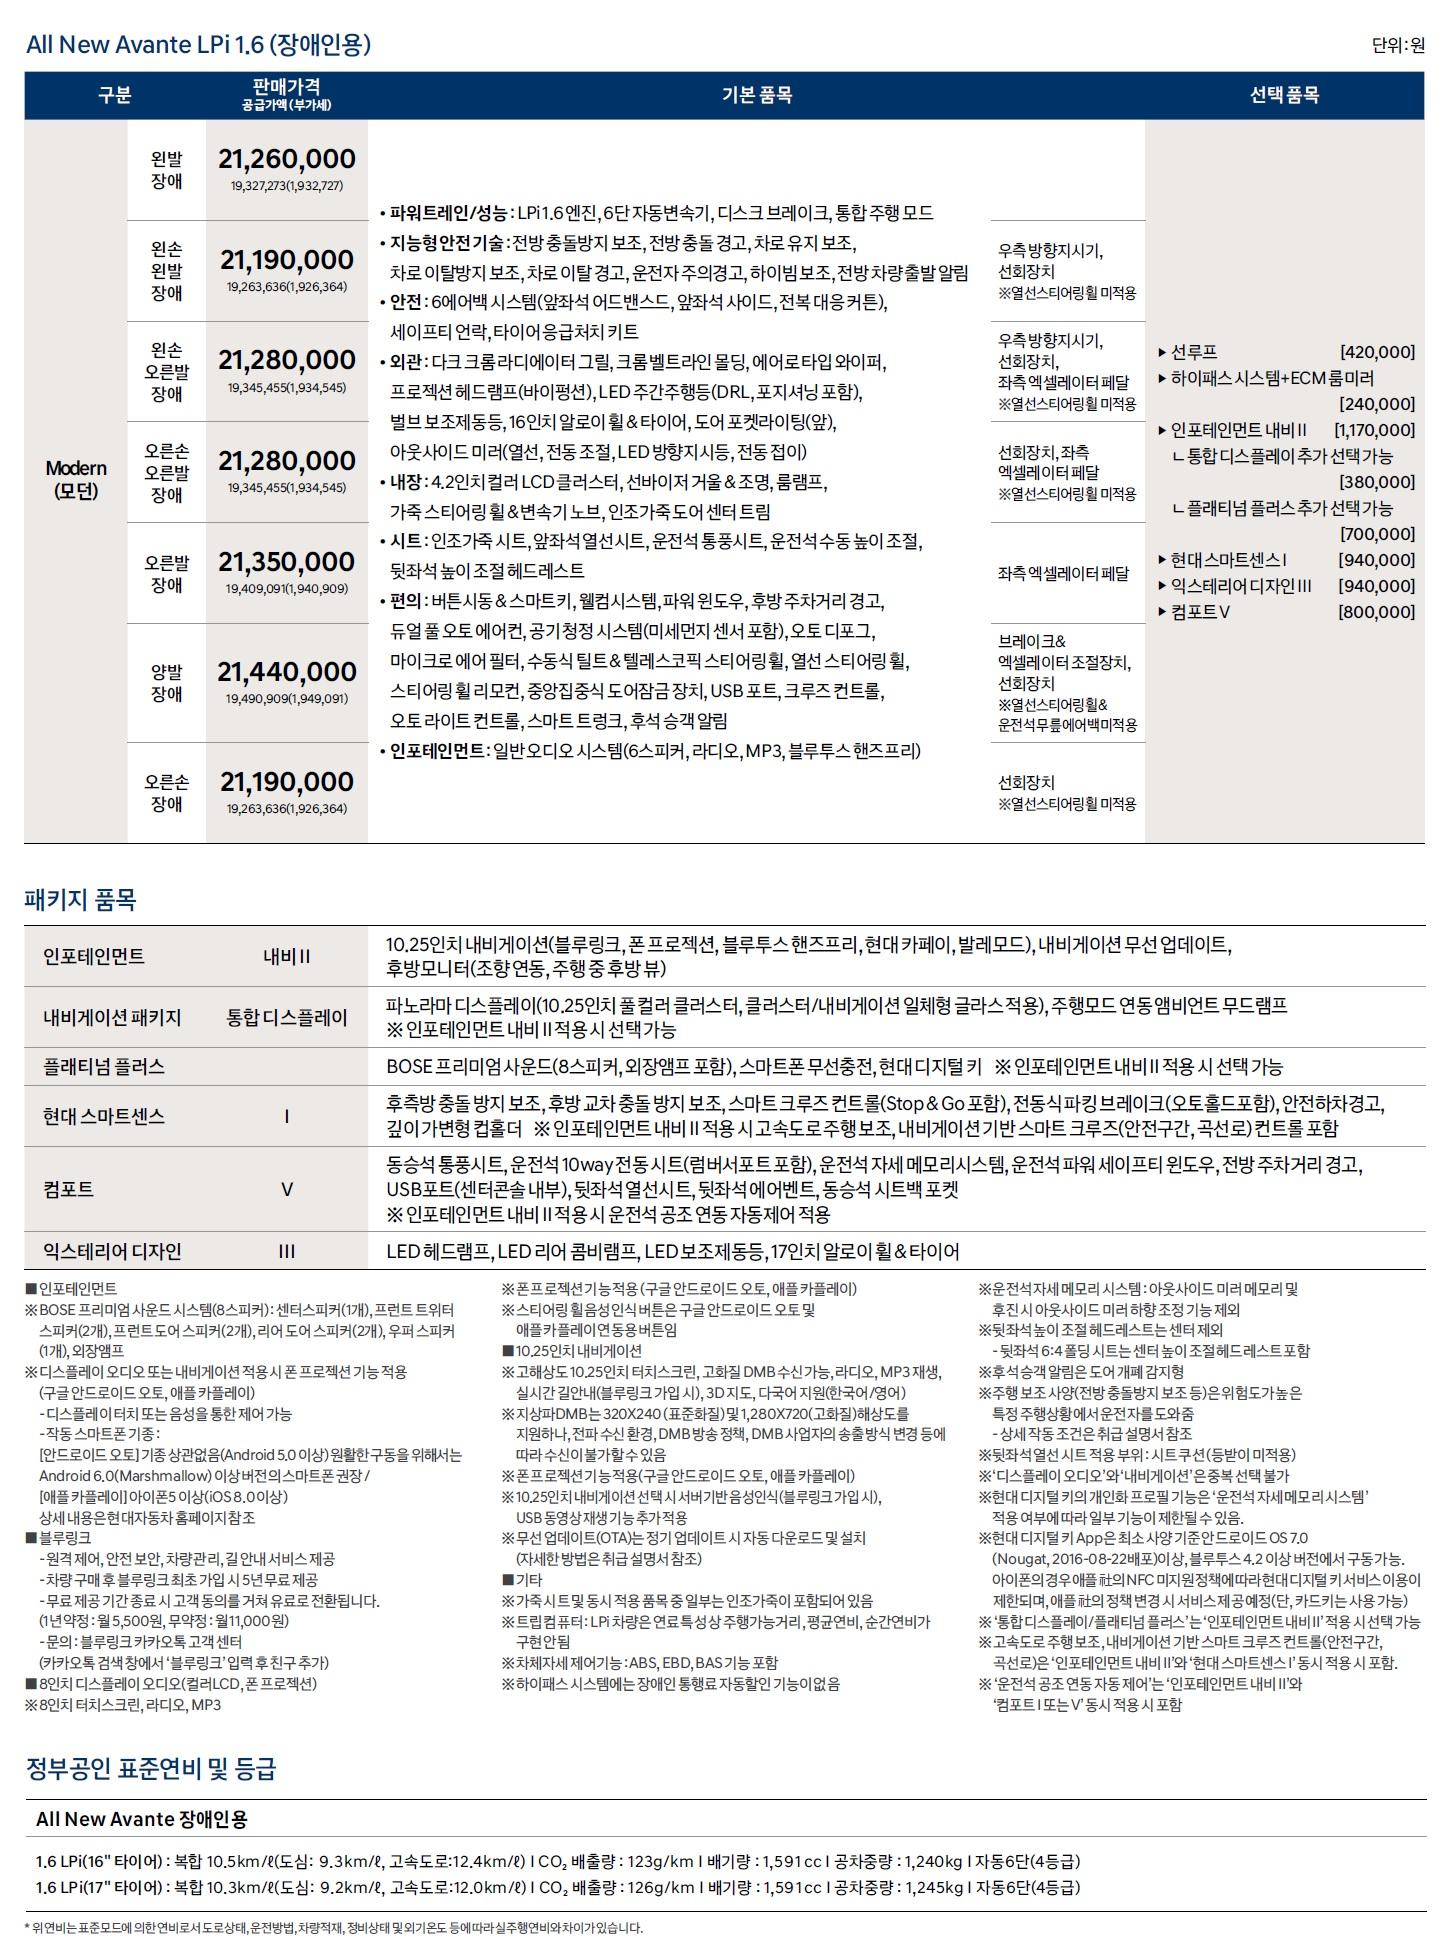 아반떼 가격표 - 2020년 04월 -3.jpg